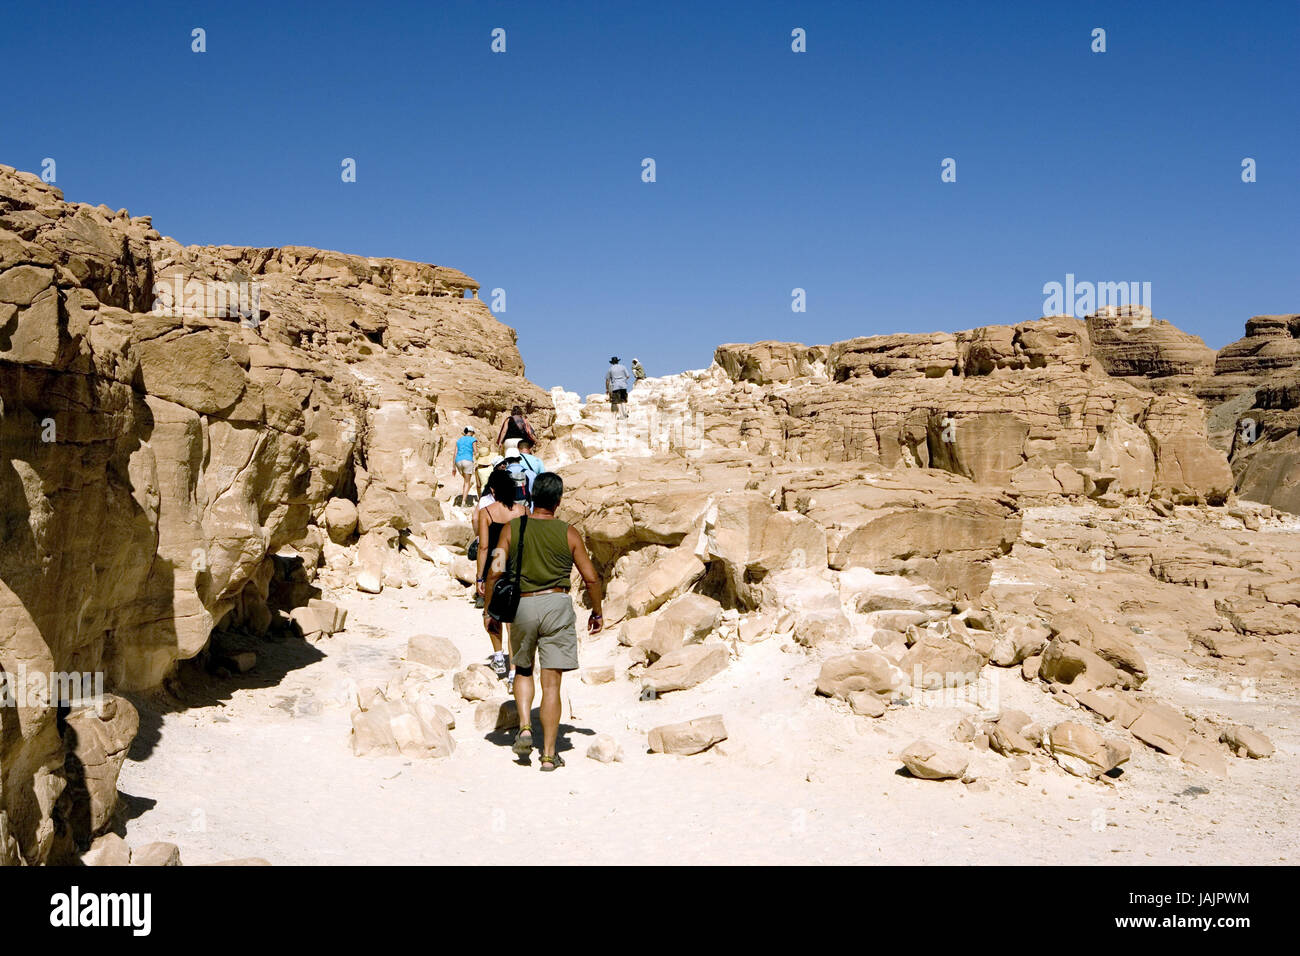 Egypt,Sinai,desert Sinai,White canyon,area of Nuweiba,tourists, - Stock Image